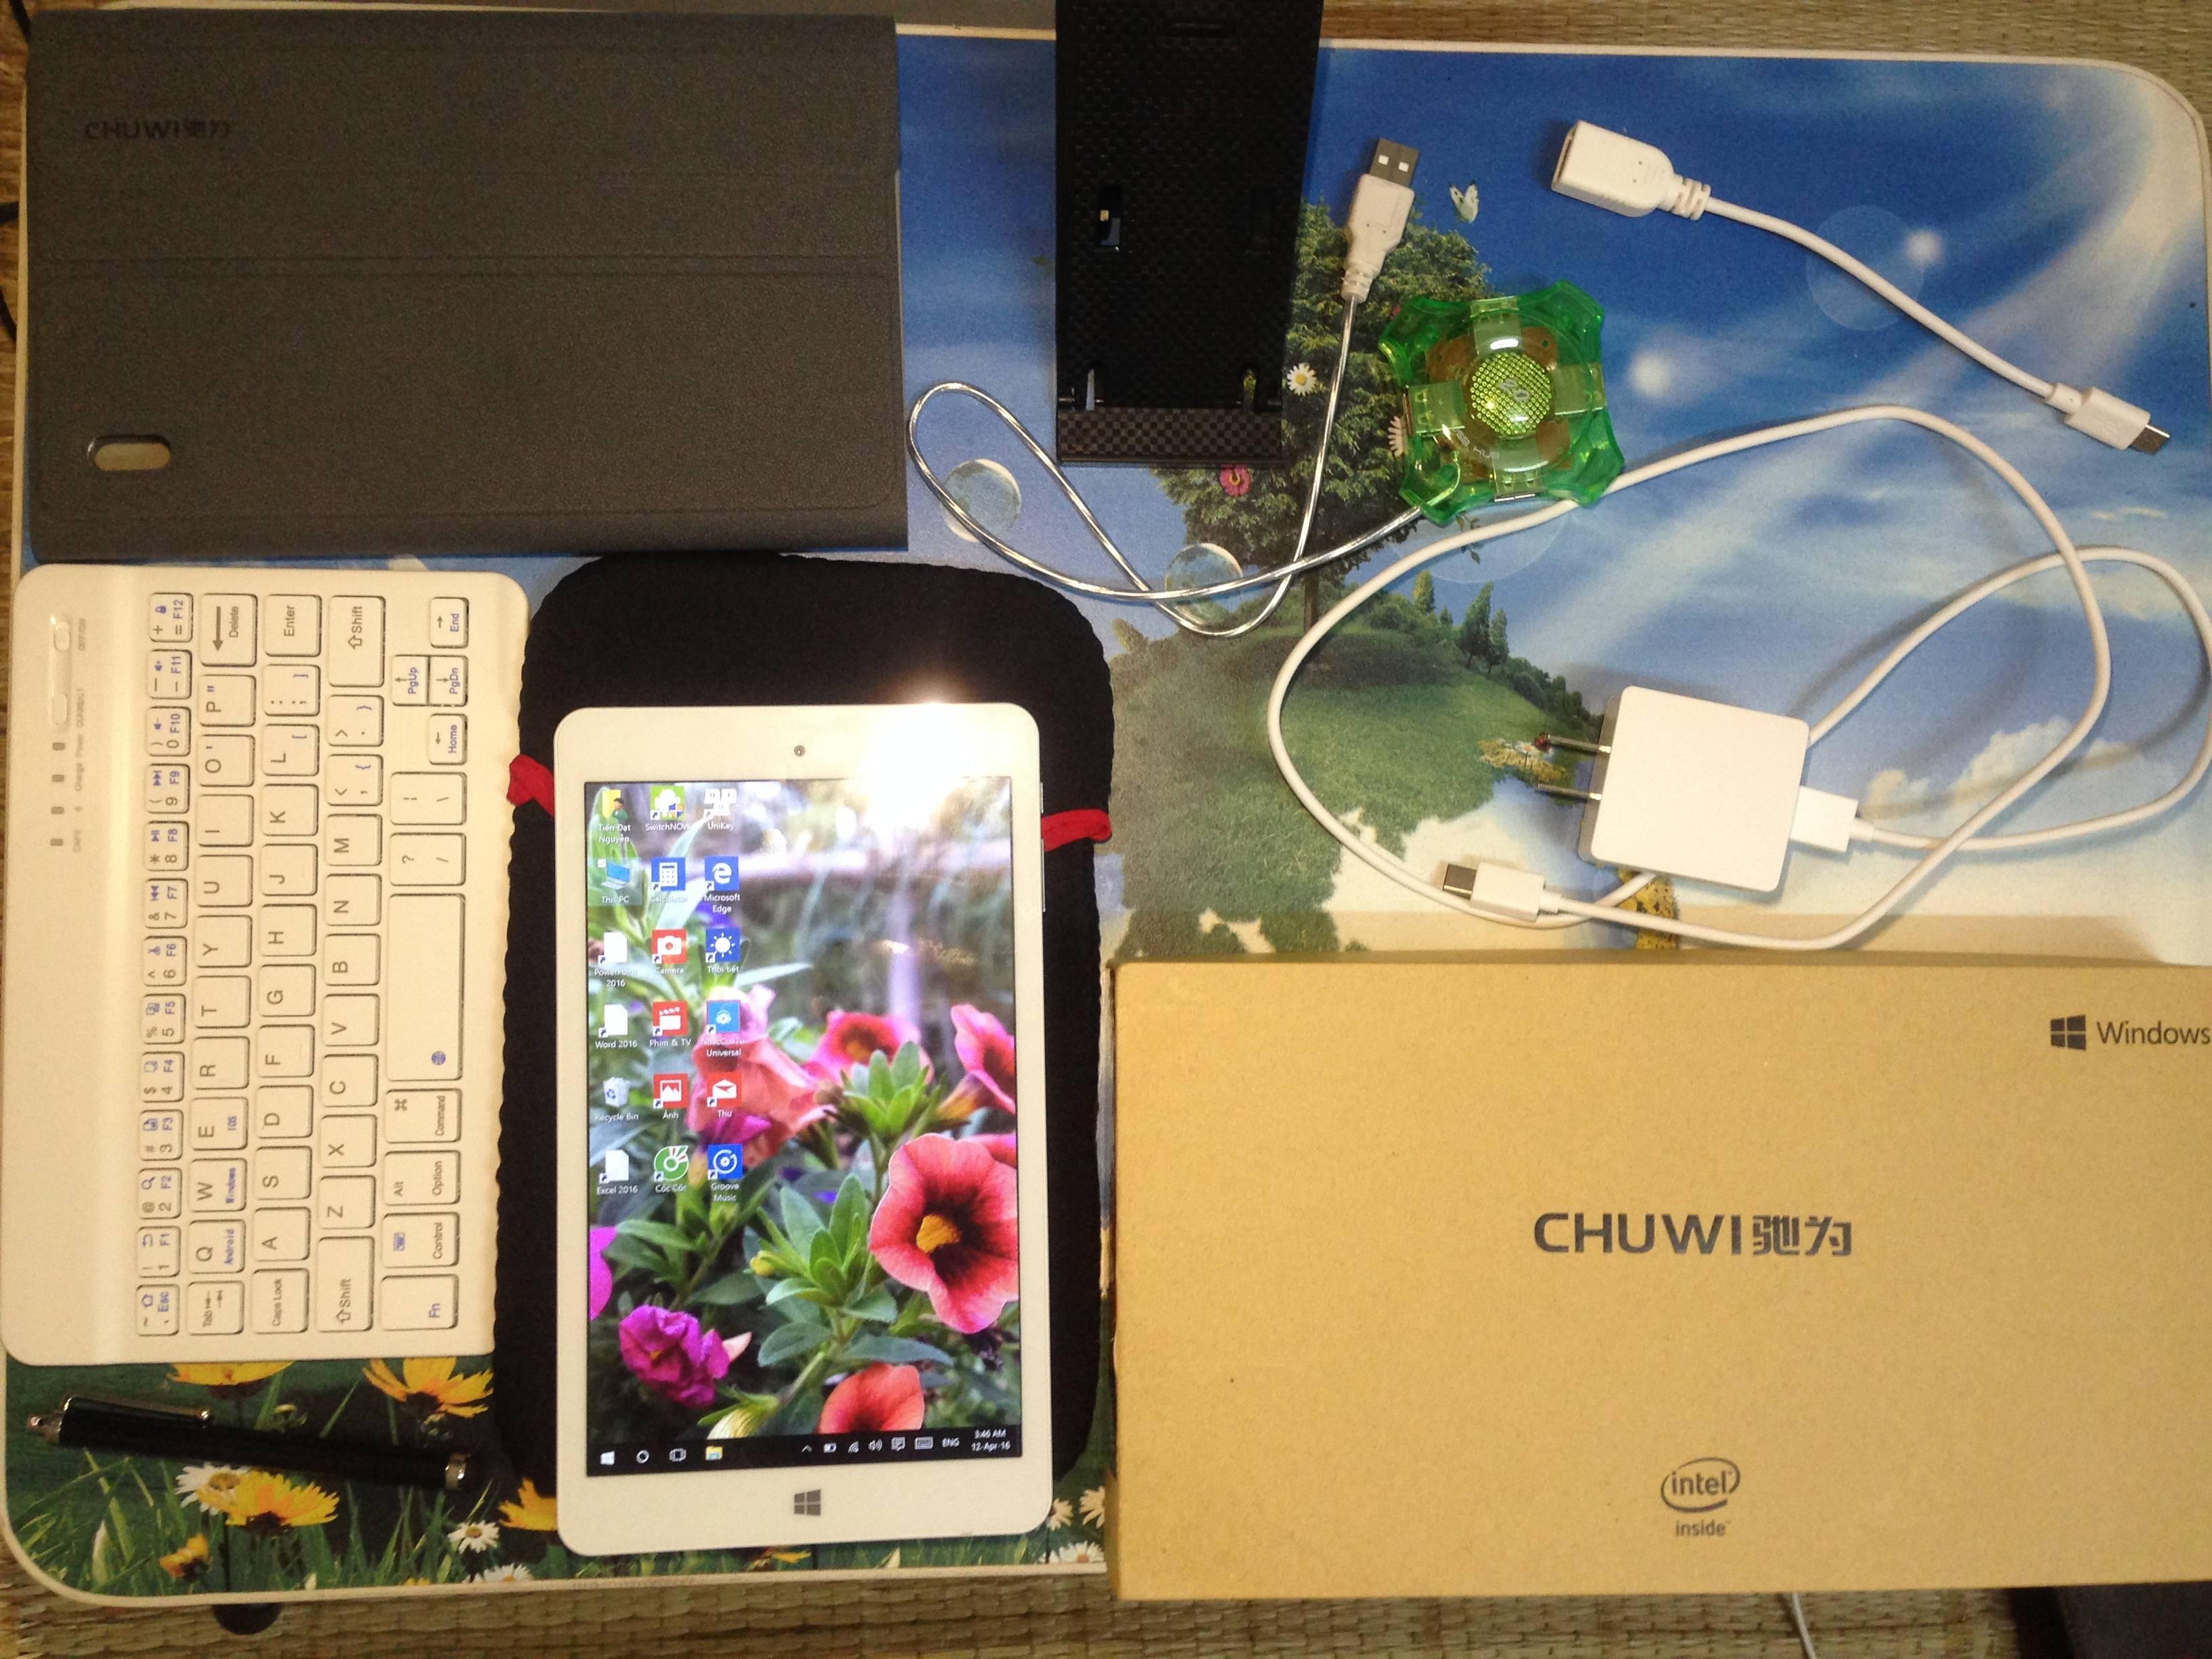 Đánh giá chi tiết Chuwi Hi8 pro: chiếc máy lai thực thụ dành cho sinh viên.